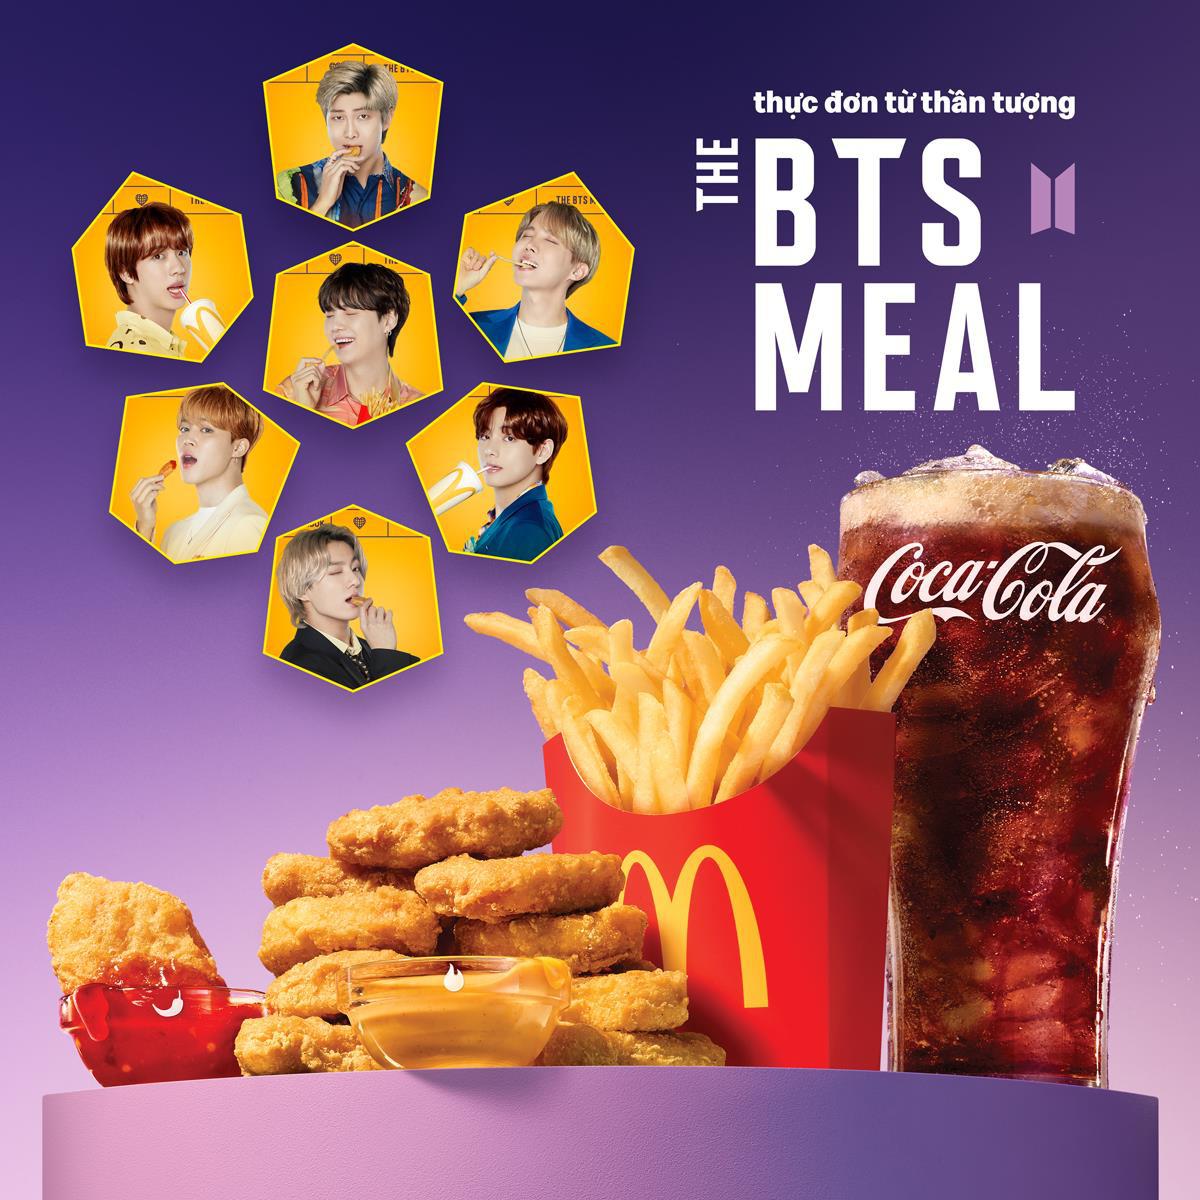 Cùng nhóm nhạc đình đám thế giới BTS thưởng thức Thực đơn từ thần tượng của McDonald's - Ảnh 1.